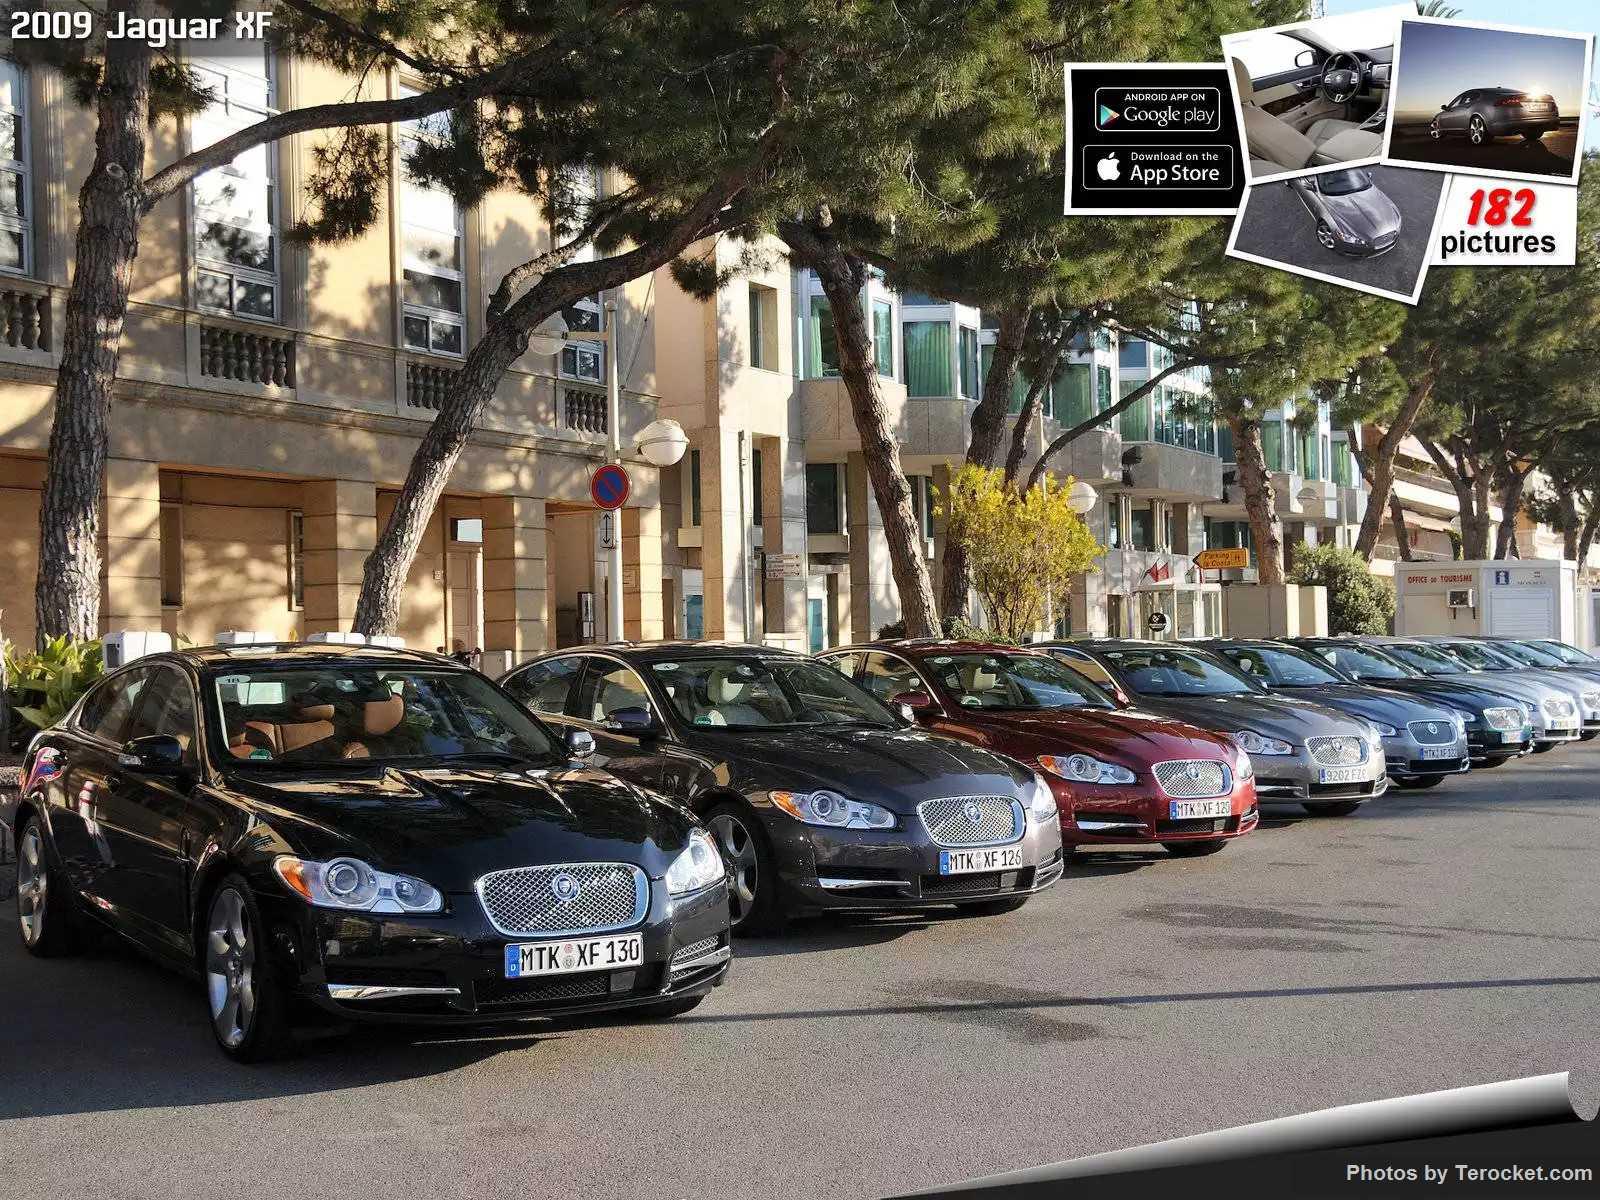 Hình ảnh xe ô tô Jaguar XF 2009 & nội ngoại thất